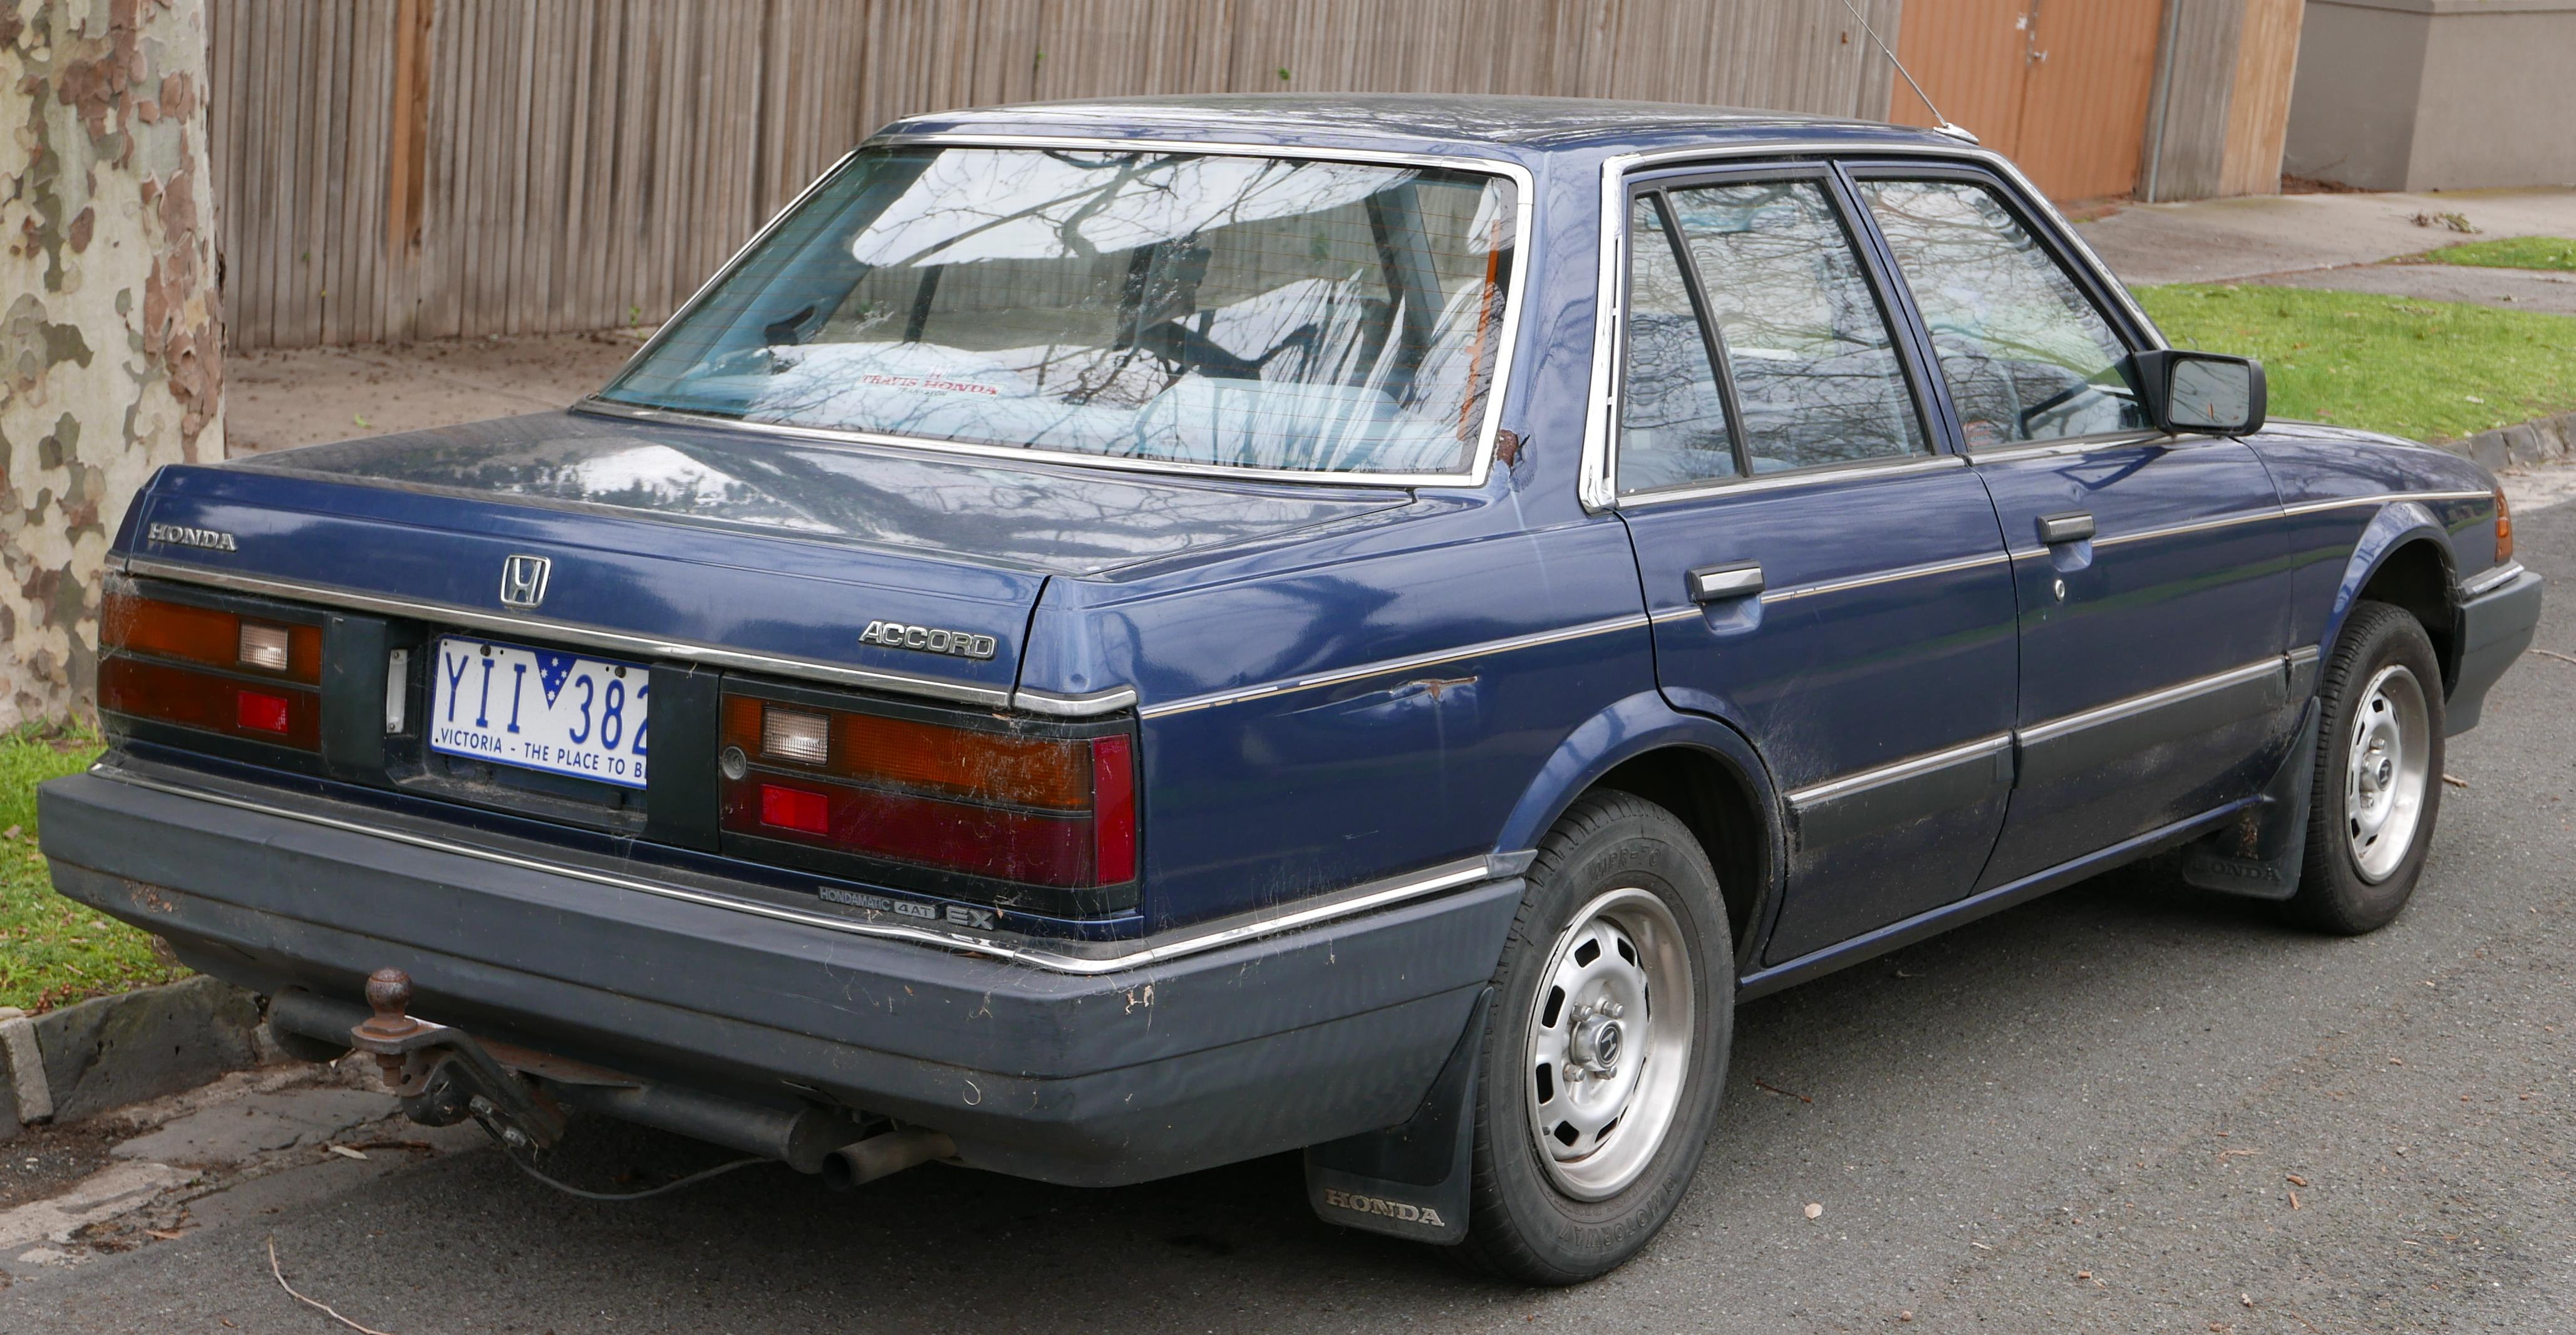 Kelebihan Kekurangan Honda Accord 1985 Top Model Tahun Ini